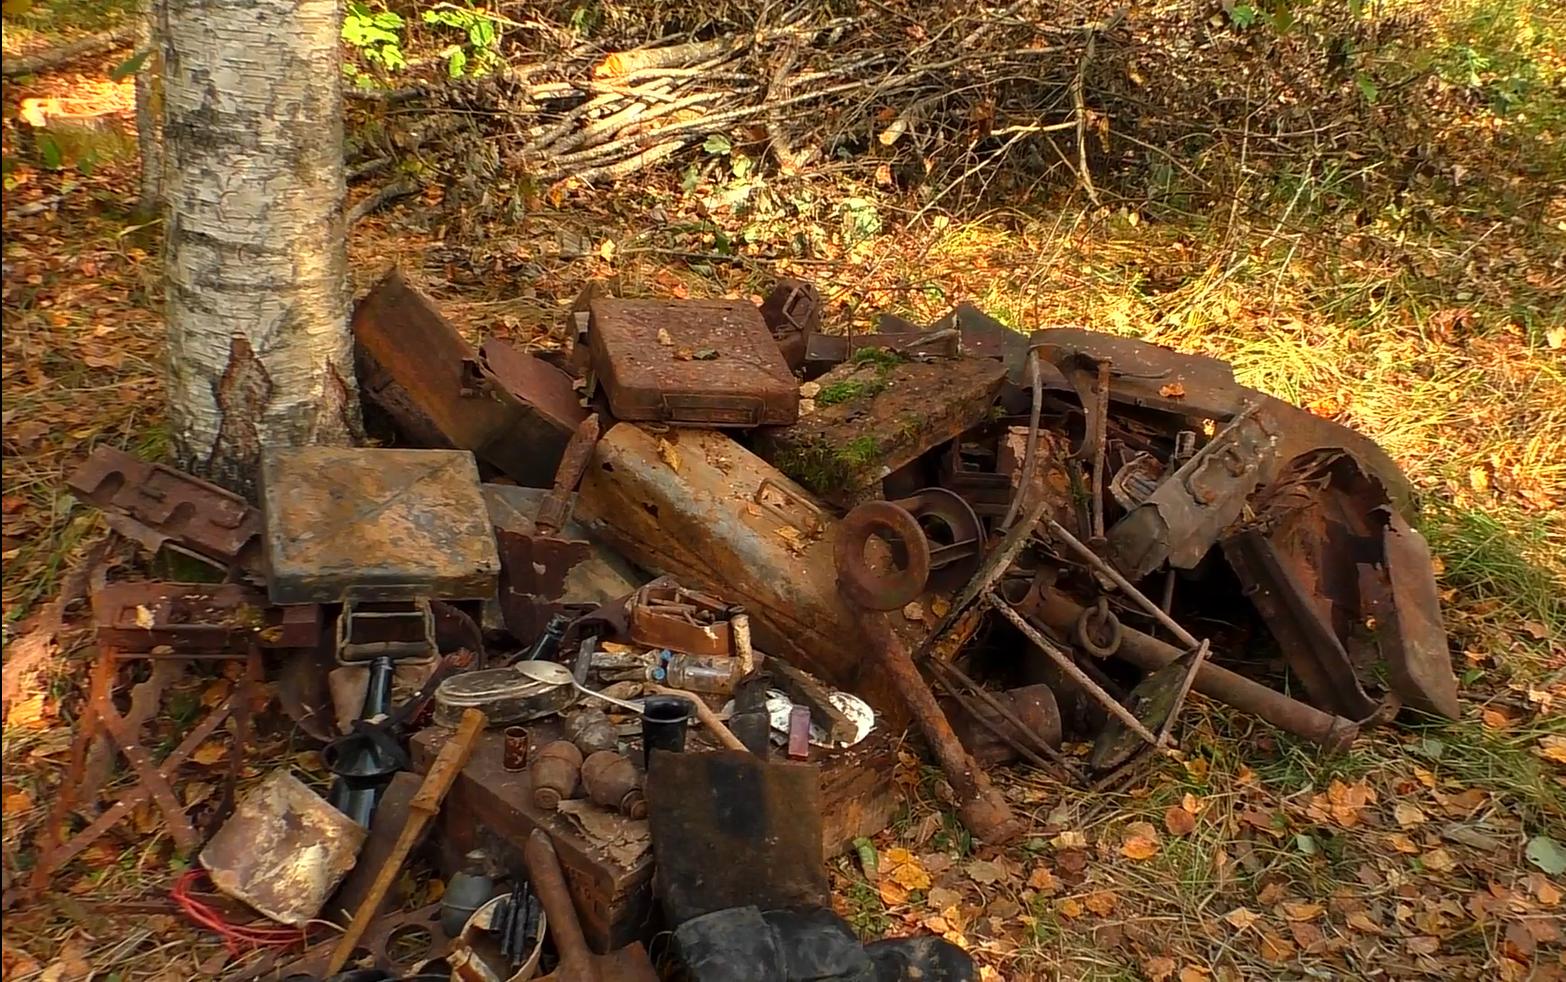 world war relics from dugout